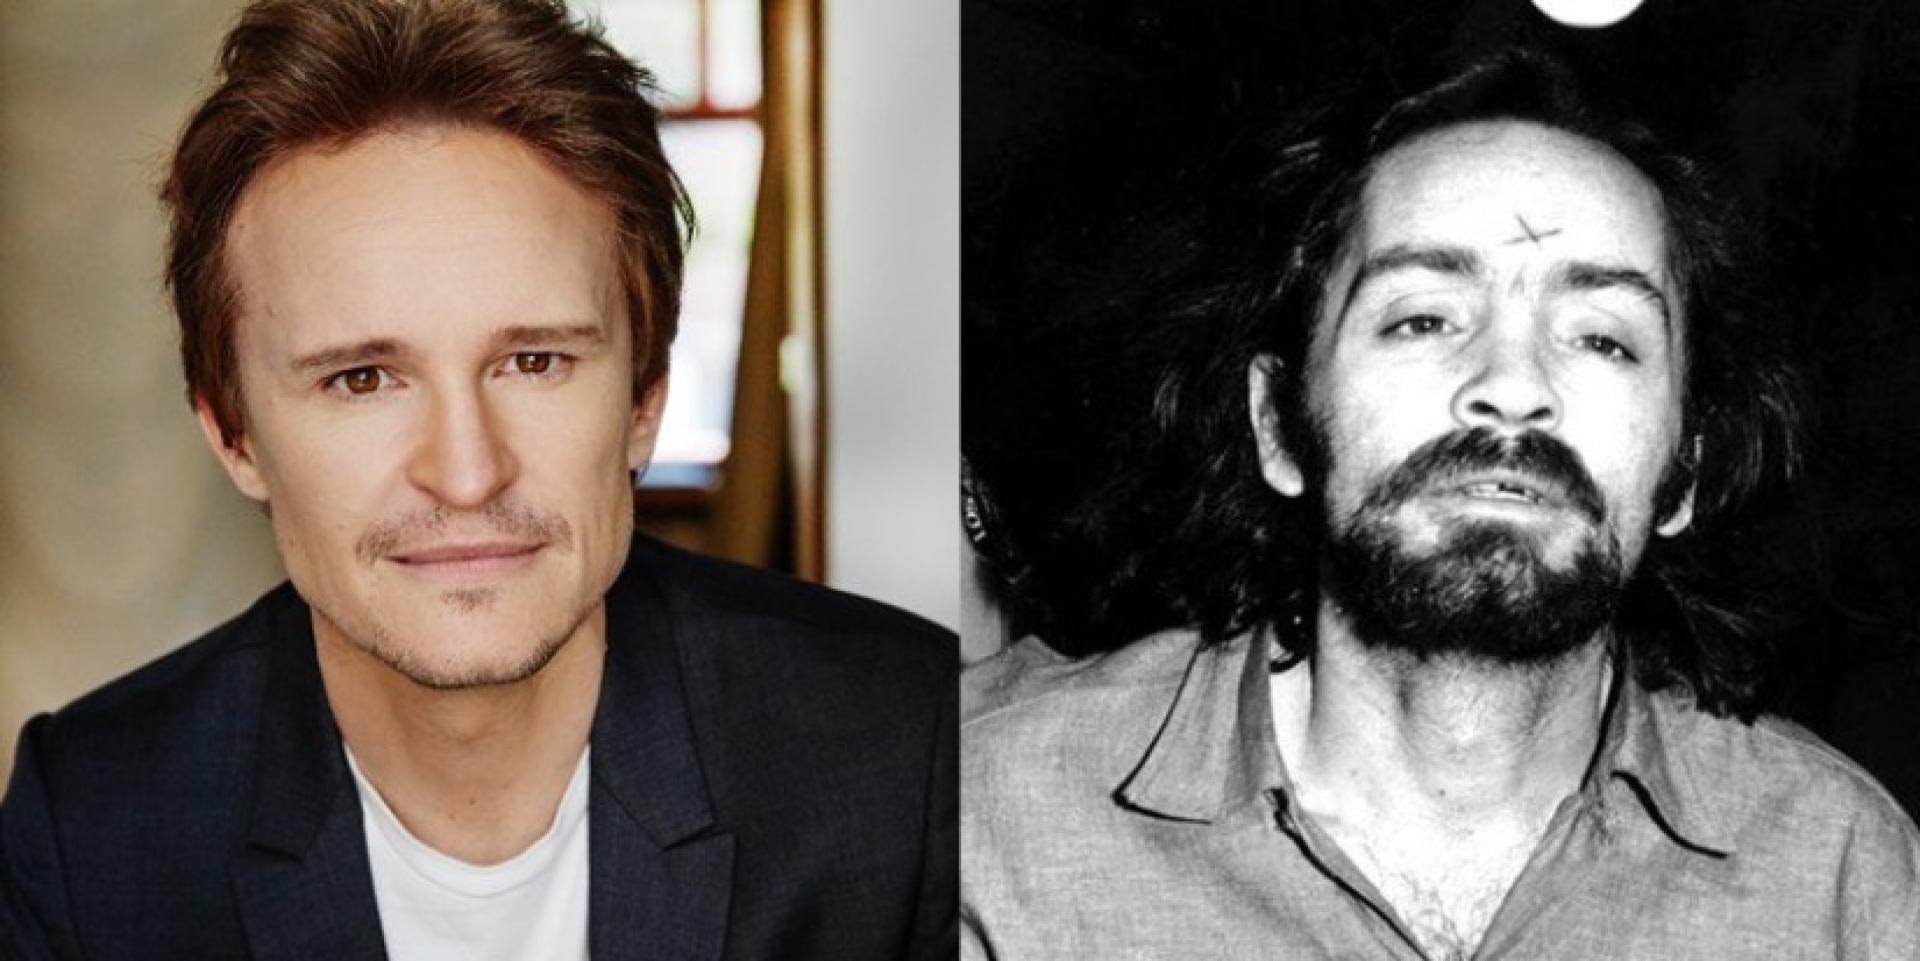 Tarantino megtalálta Charles Manson megformálóját